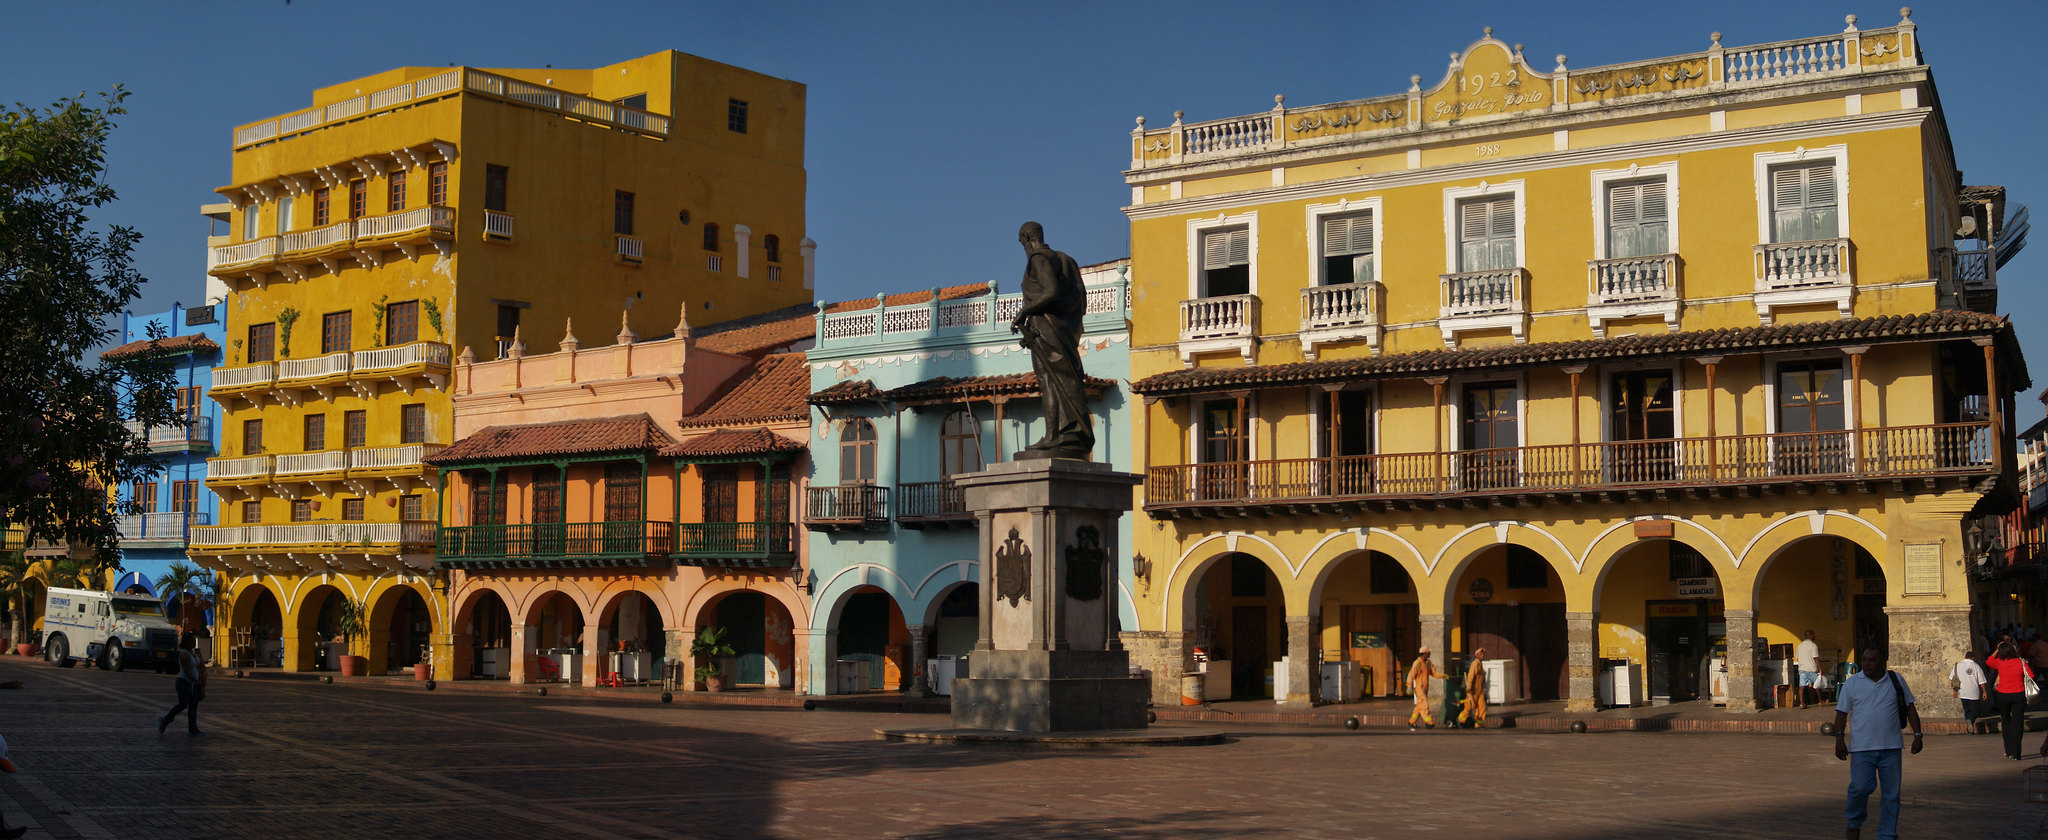 melhores-cidades-para-estudar-na-colombia-cartagena